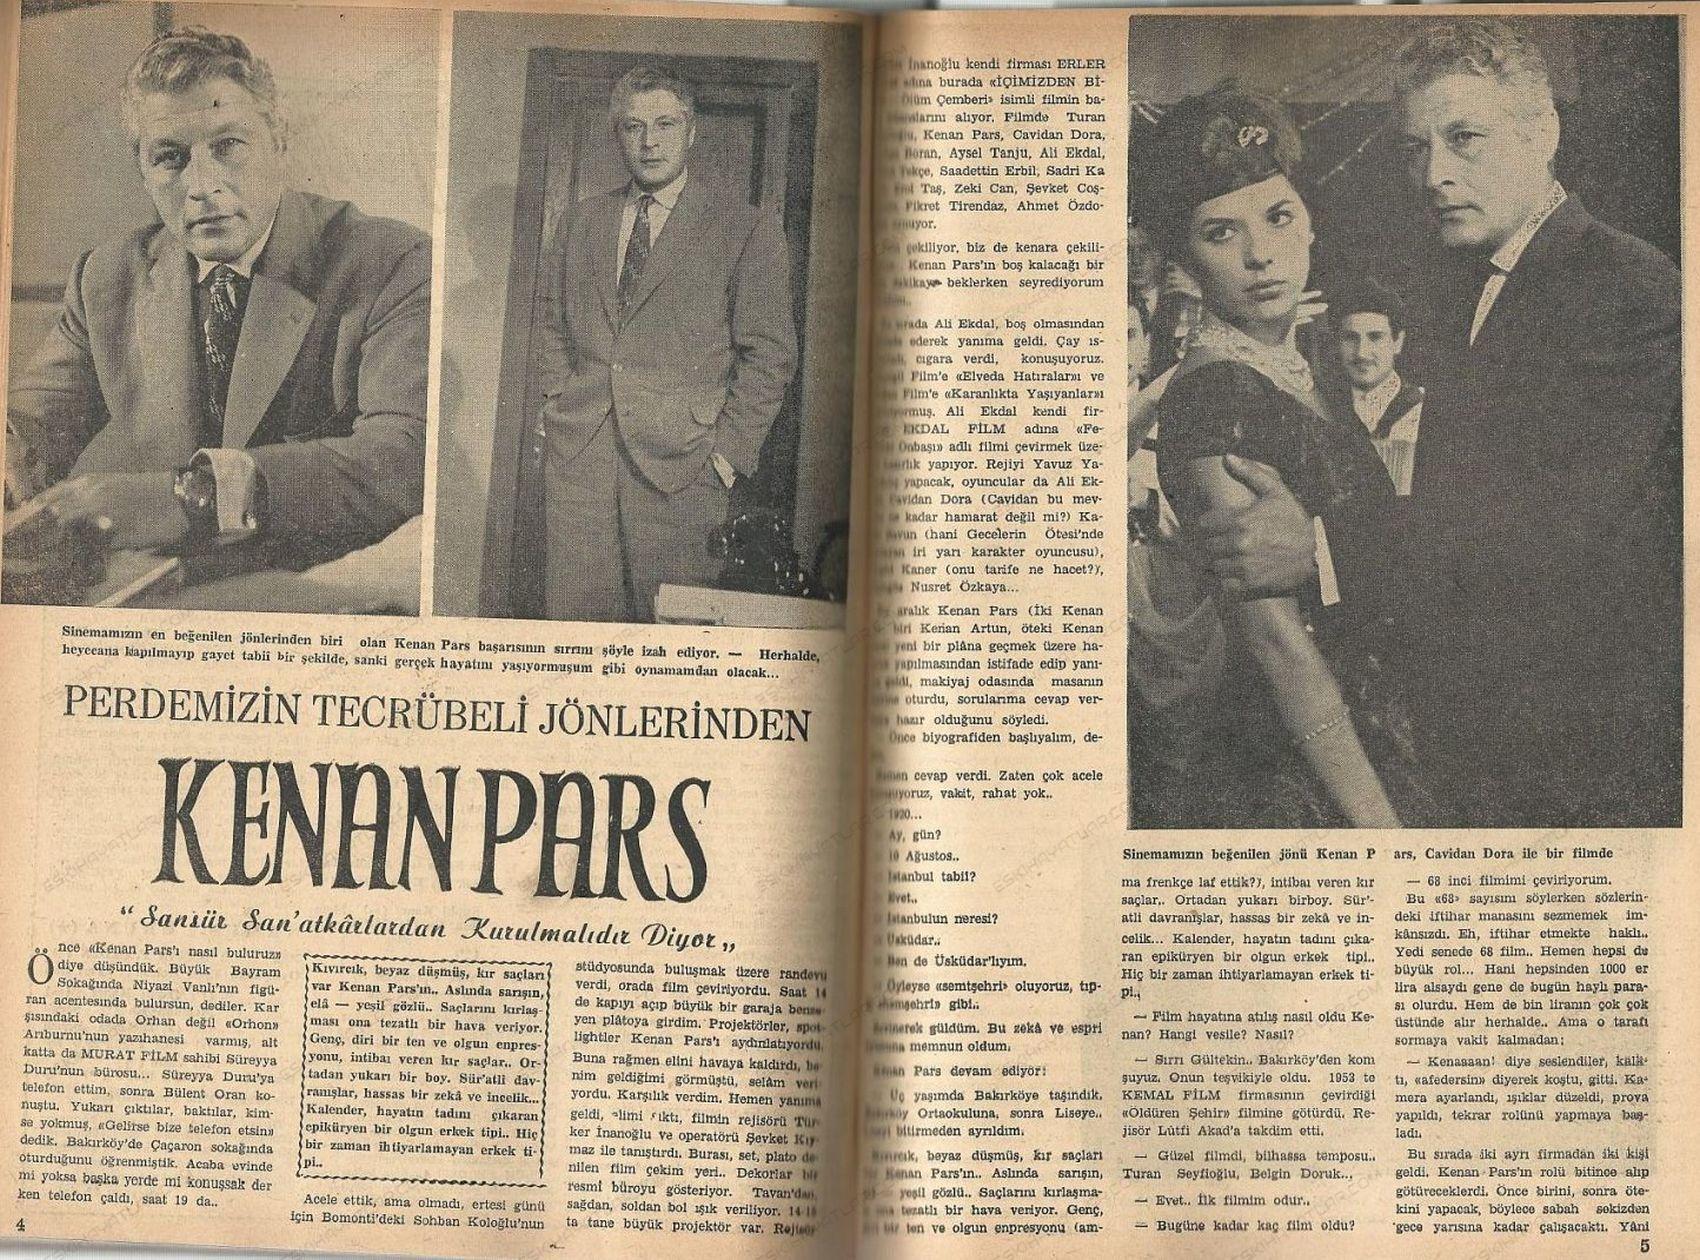 0171-kenan-pars-kimdir-kirkor-cezveciyan-1960-artist-dergisi-turk-sinemasi-jonleri (2)